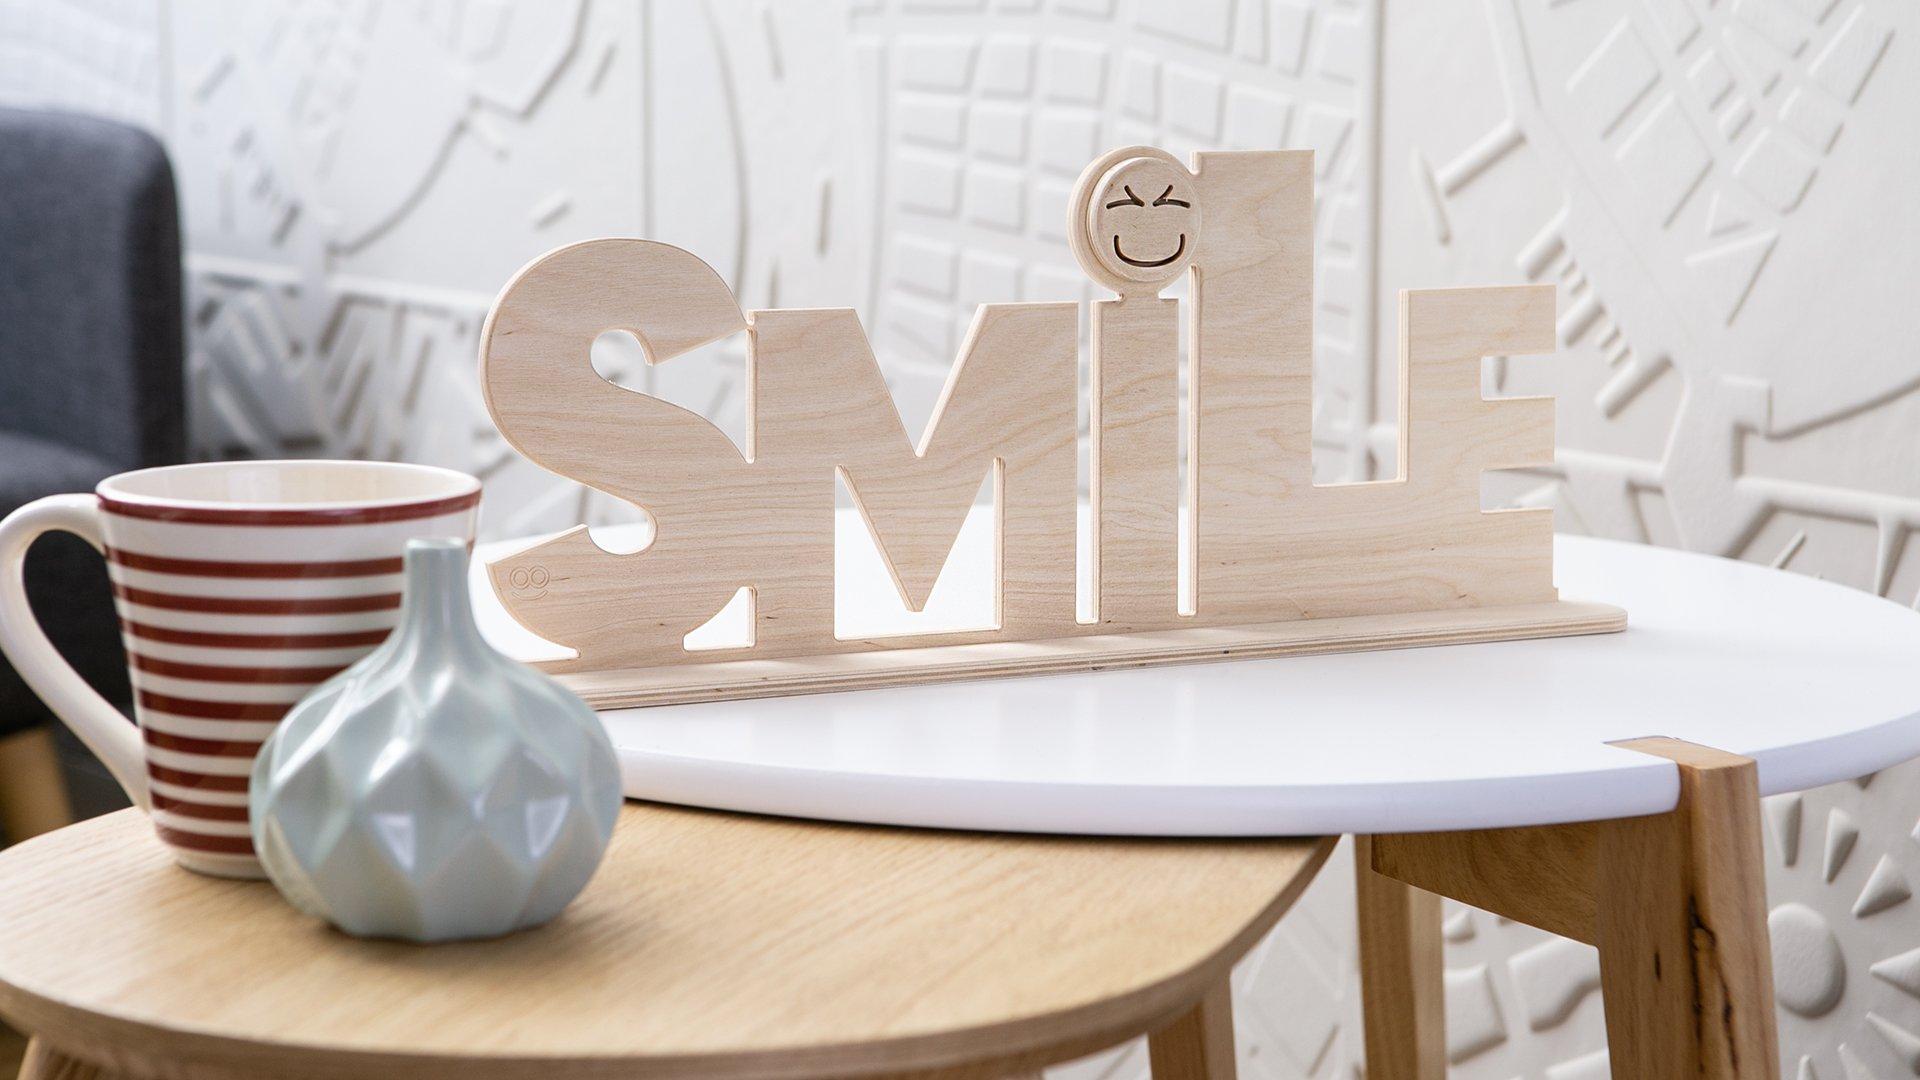 Prodotto in legno Scritta Smile